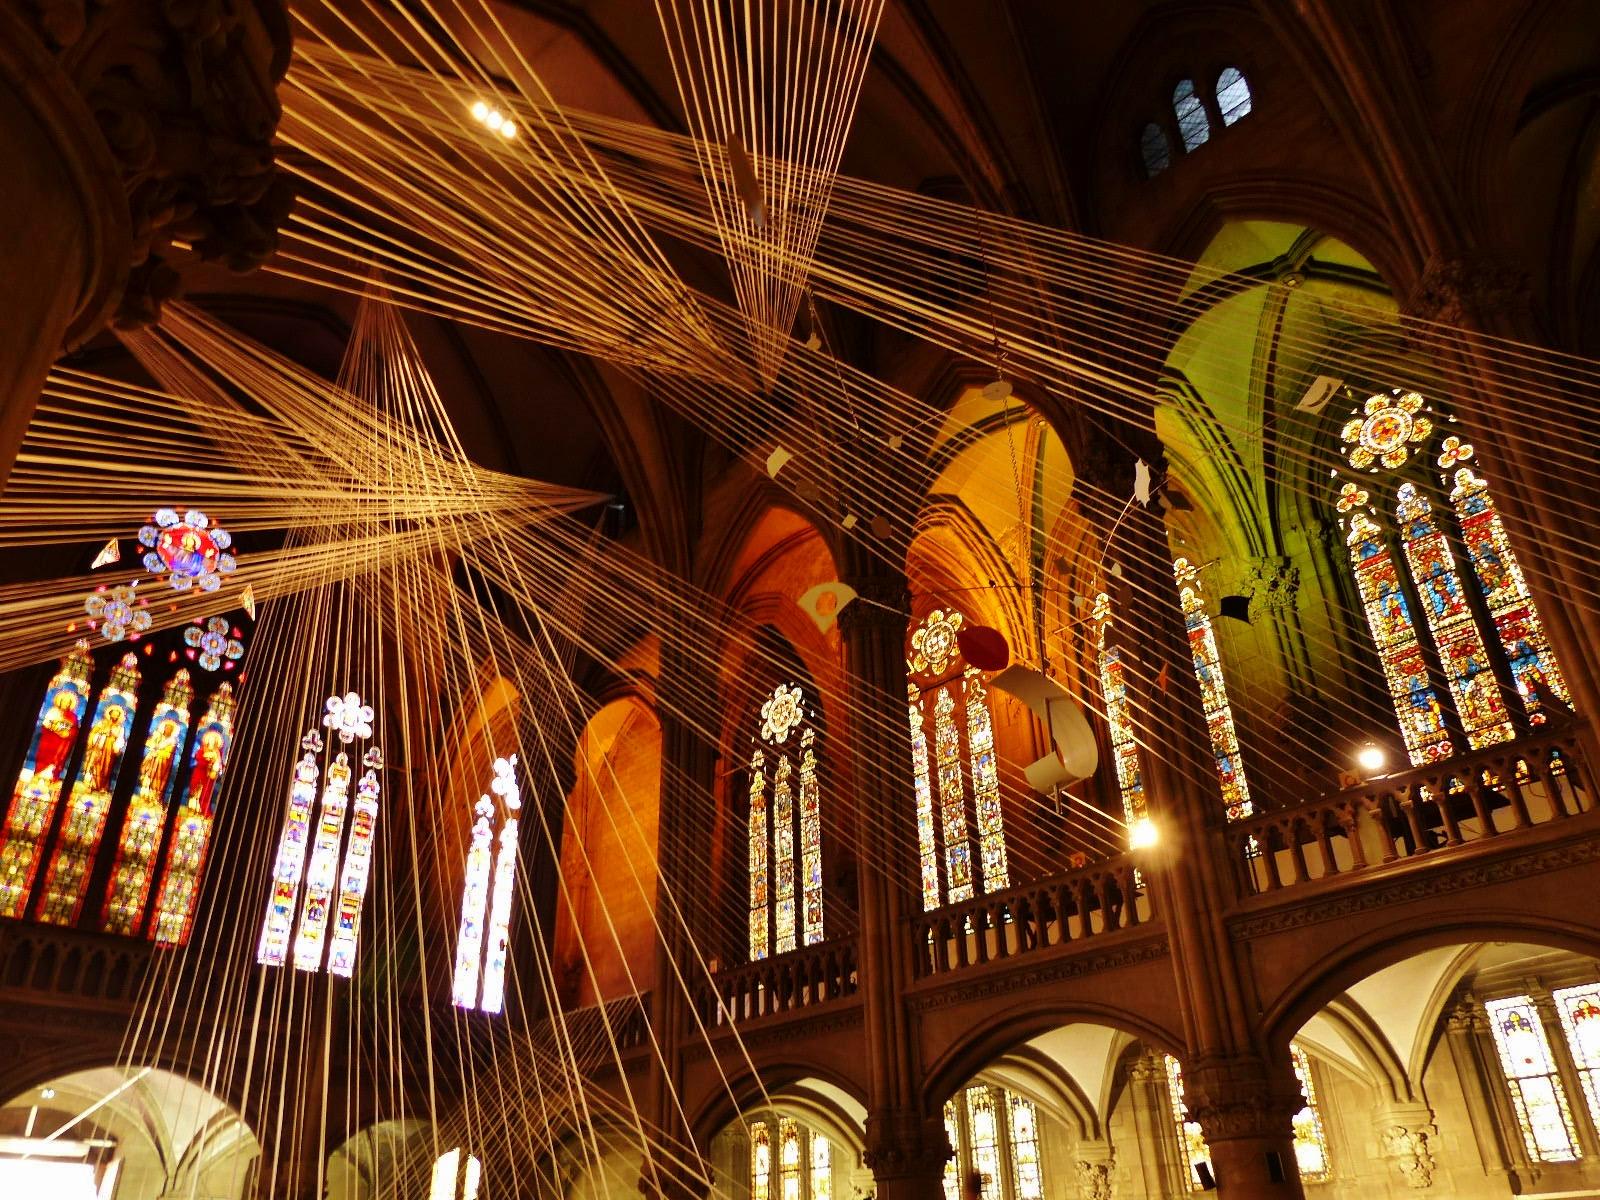 les-lumières-Vortex-1868 -Temple-Saint-Etienne-Mulhouse